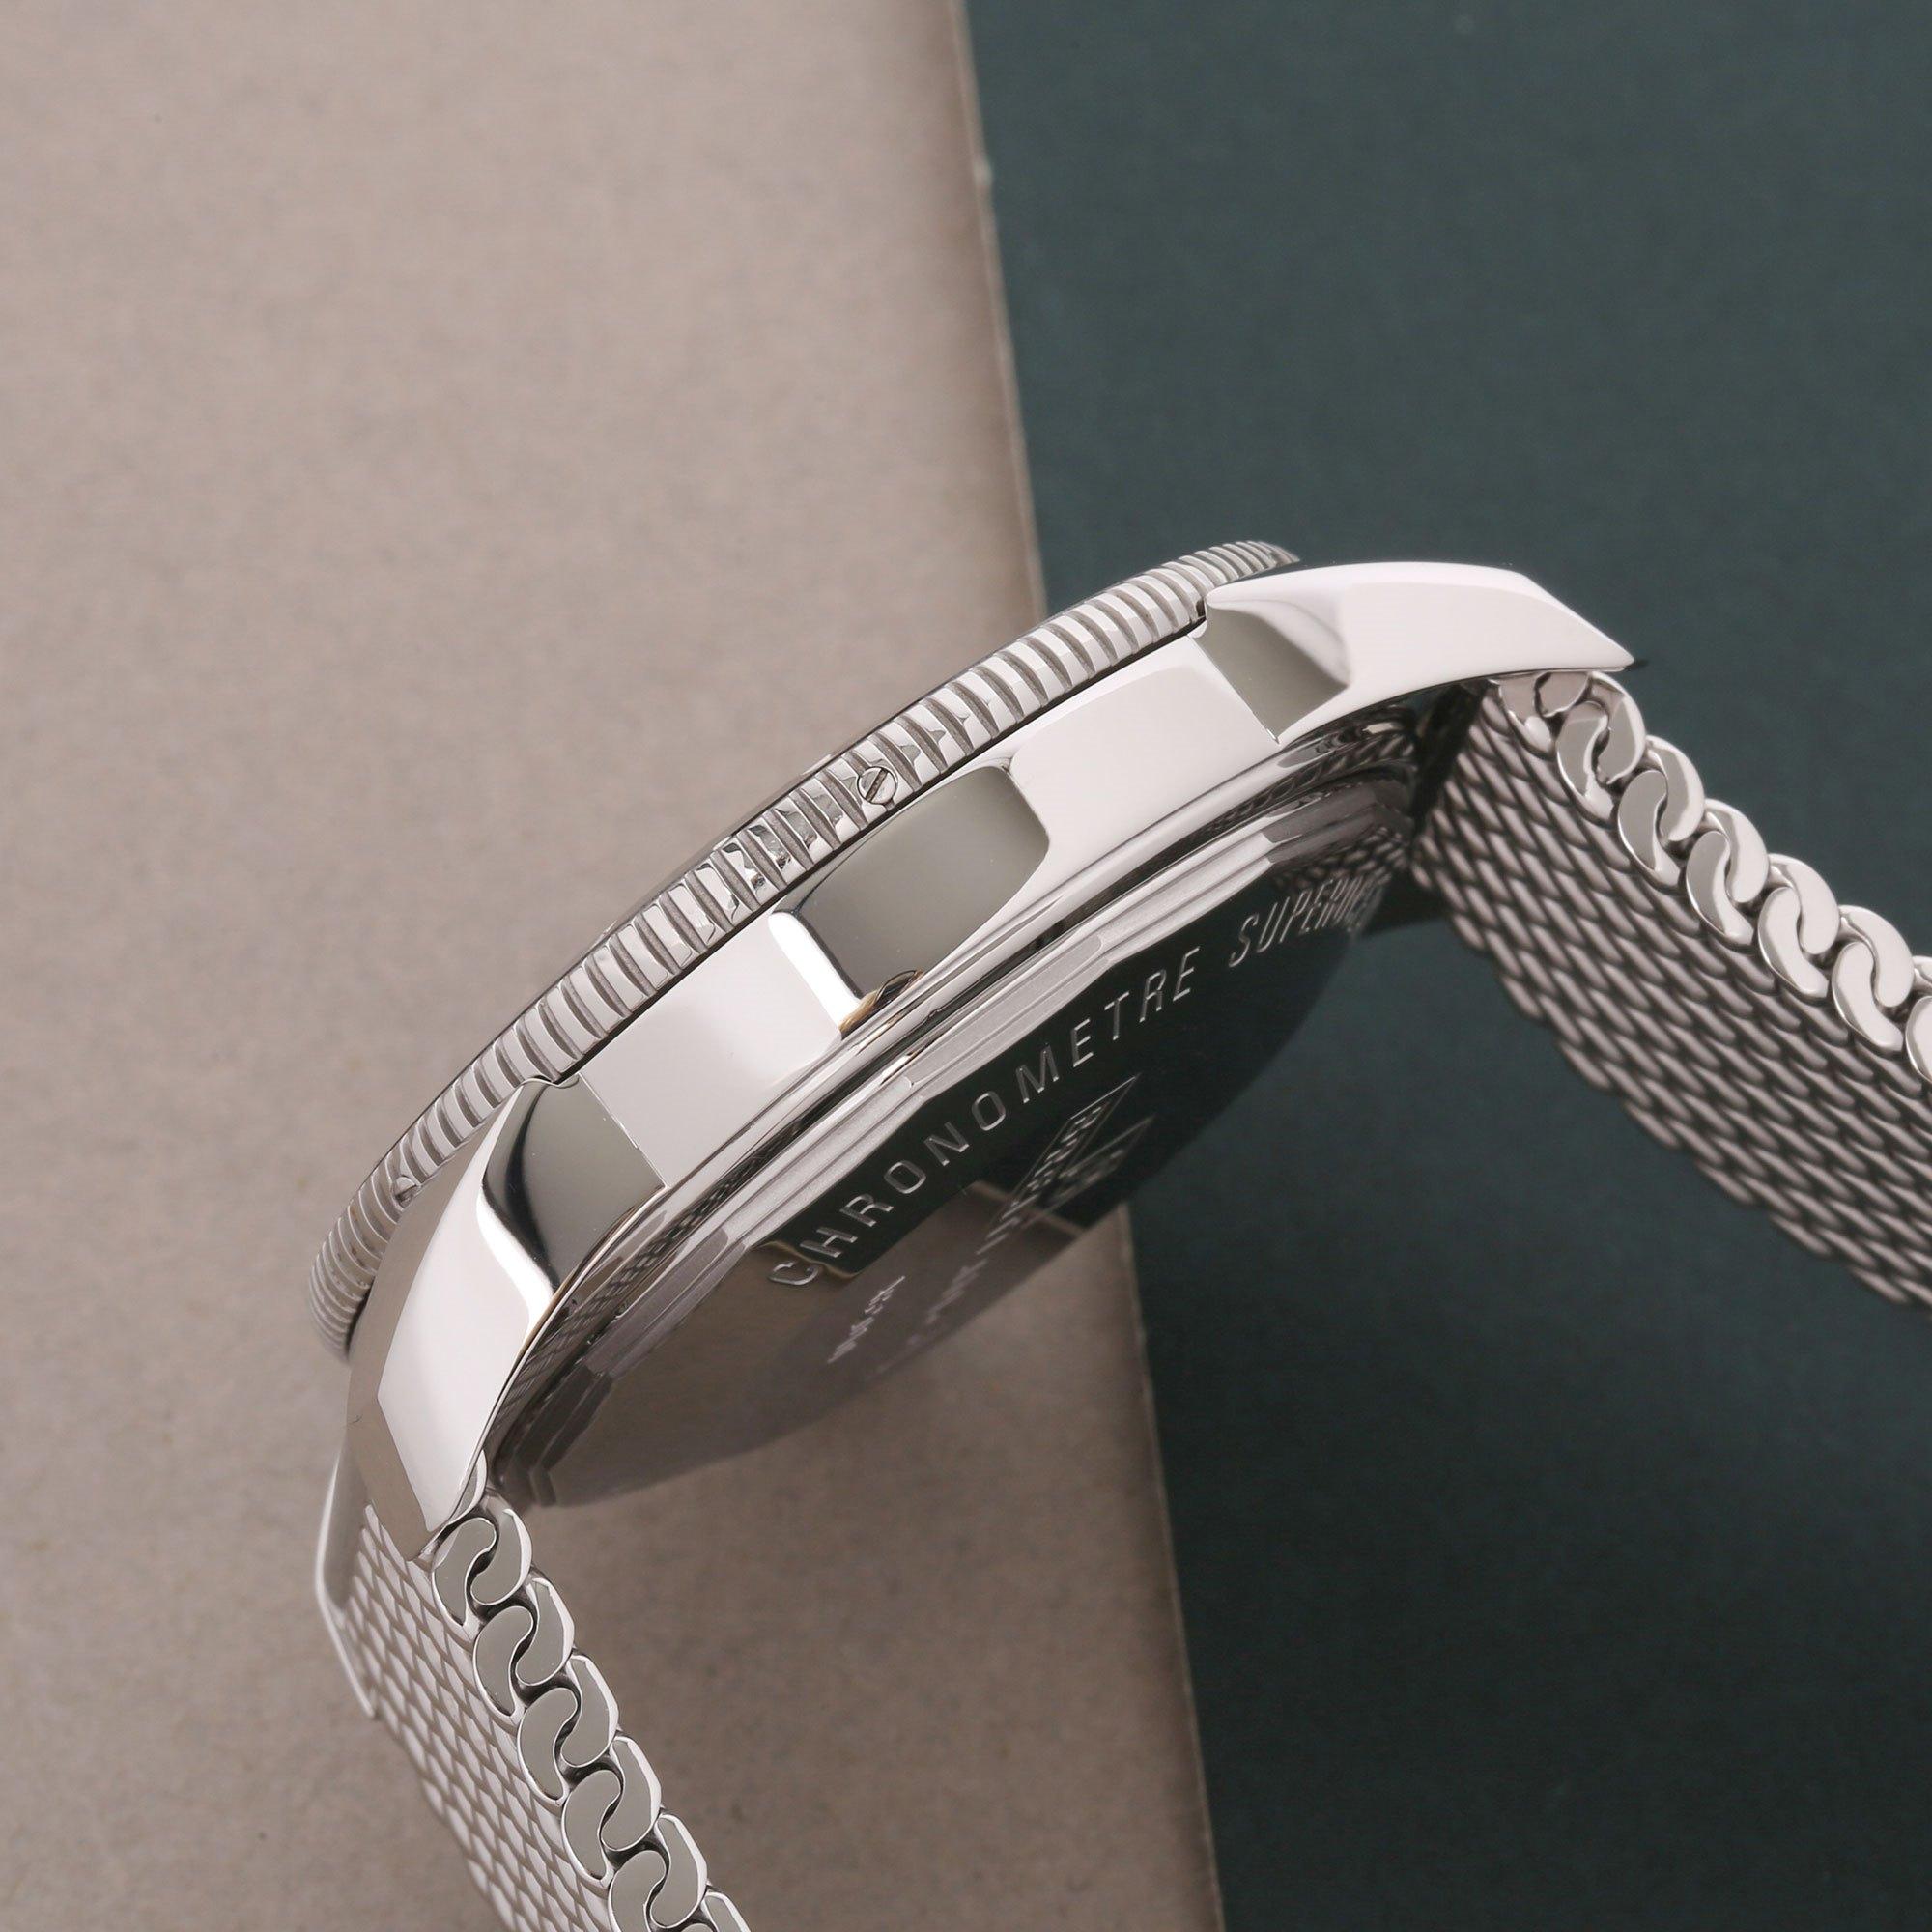 Breitling Superocean Heritage II Stainless Steel AB2010